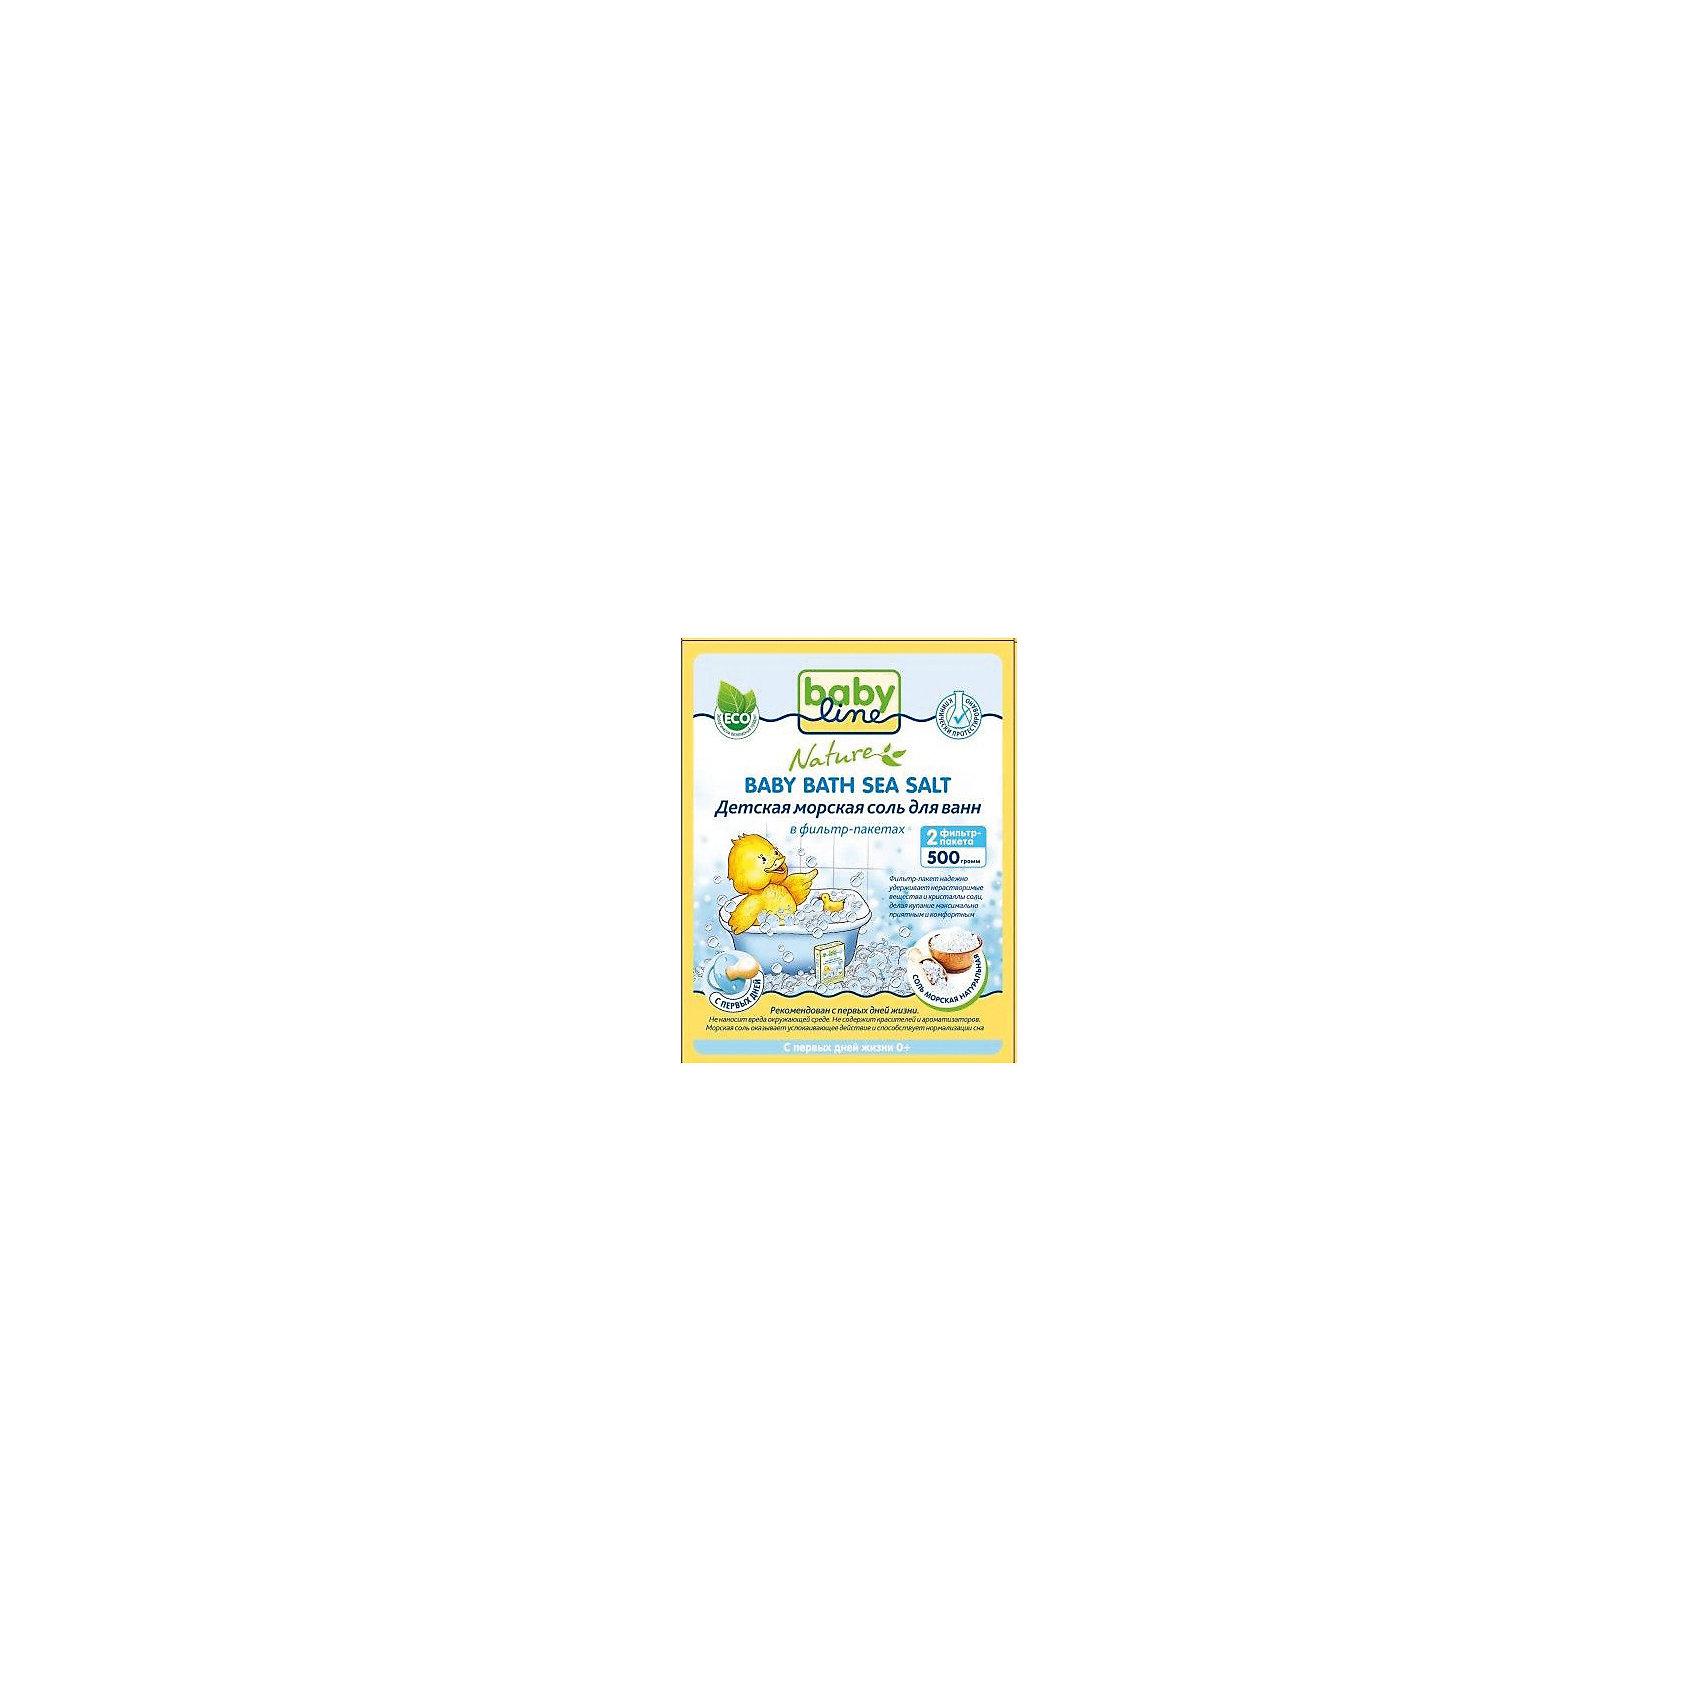 Детская морская соль для ванн, Babyline, 500 гр.Детская морская соль Babyline обогащает воду минералами, необходимыми для здоровья ребенка. Солевые ванночки снимают раздражение и зуд с нежной детской кожи, способствуют повышению иммунитета и общему укреплению организма, оказывают успокаивающее действие и прекрасно подготавливают ребенка ко сну.<br><br>Ширина мм: 35<br>Глубина мм: 105<br>Высота мм: 135<br>Вес г: 520<br>Возраст от месяцев: 0<br>Возраст до месяцев: 36<br>Пол: Унисекс<br>Возраст: Детский<br>SKU: 4729785